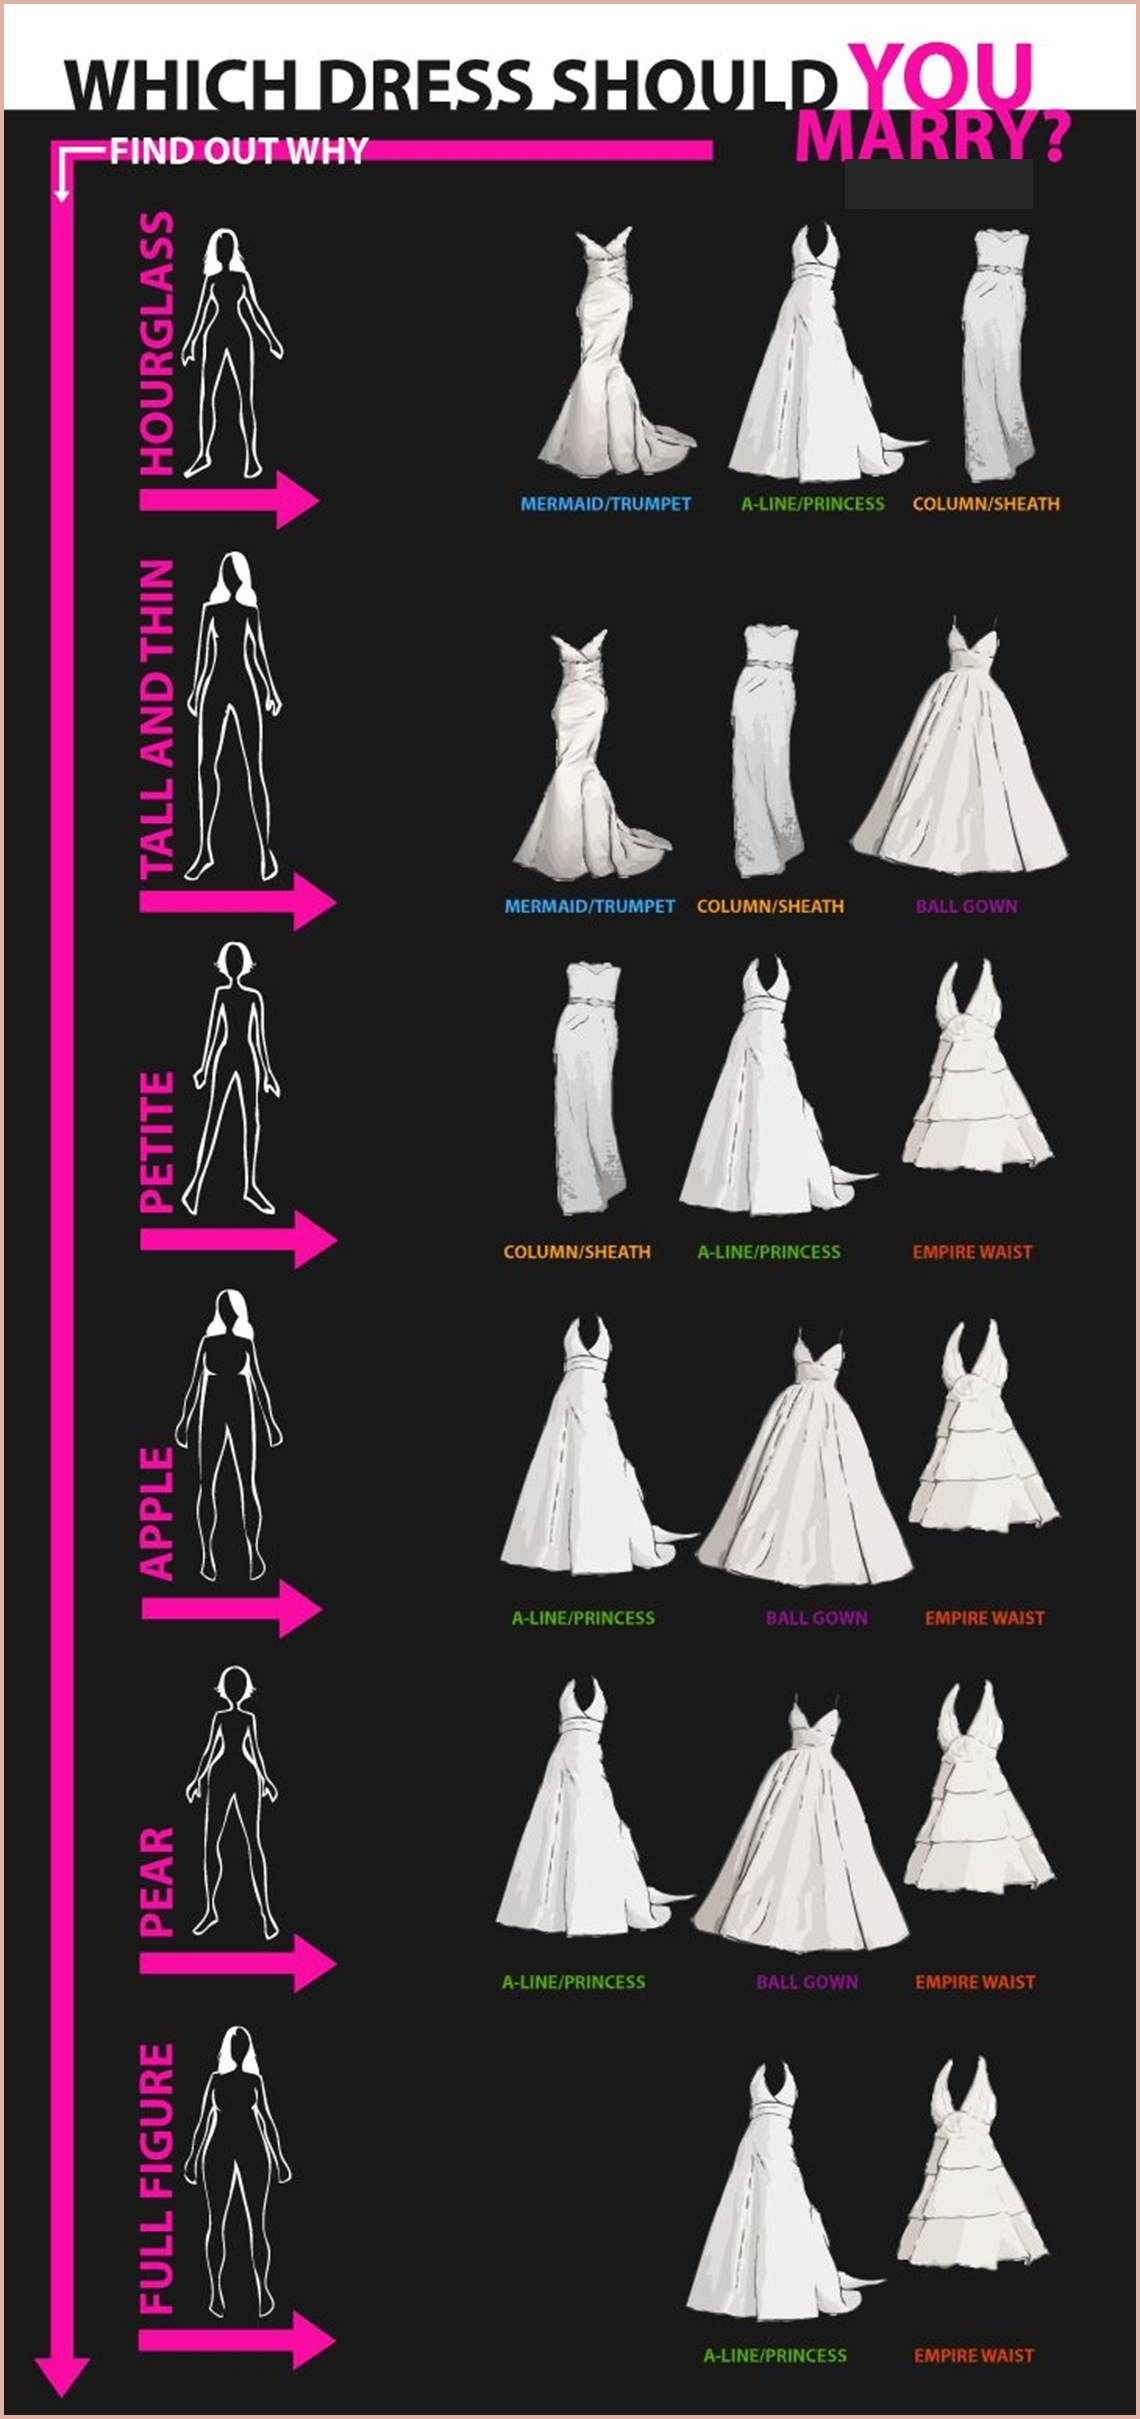 best wedding dress for my body type off 20   medpharmres.com